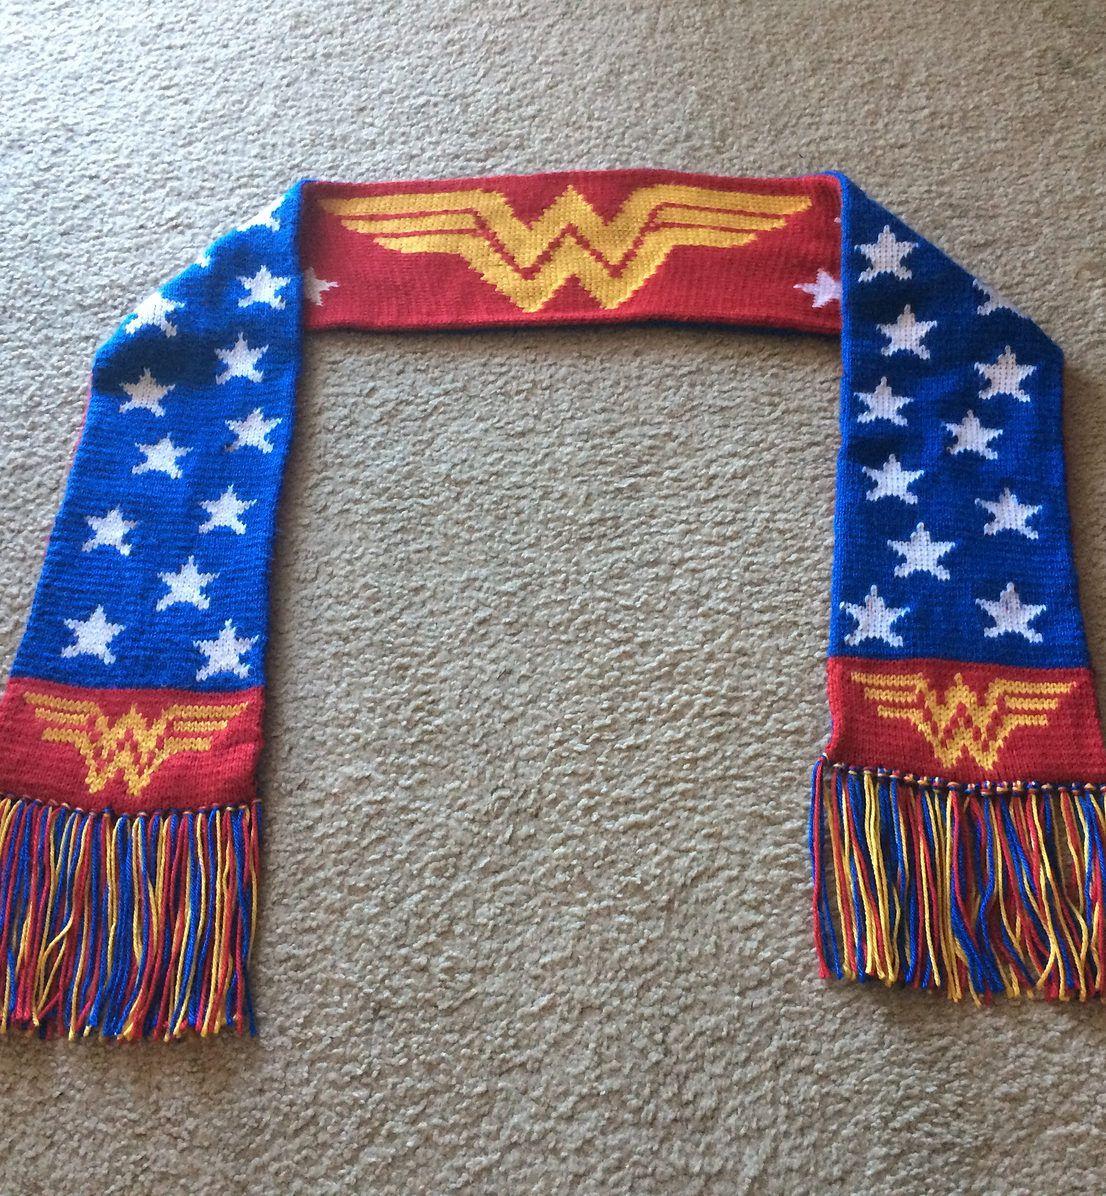 Free Knitting Pattern For Wonder Woman Scarf Knitting Knitting